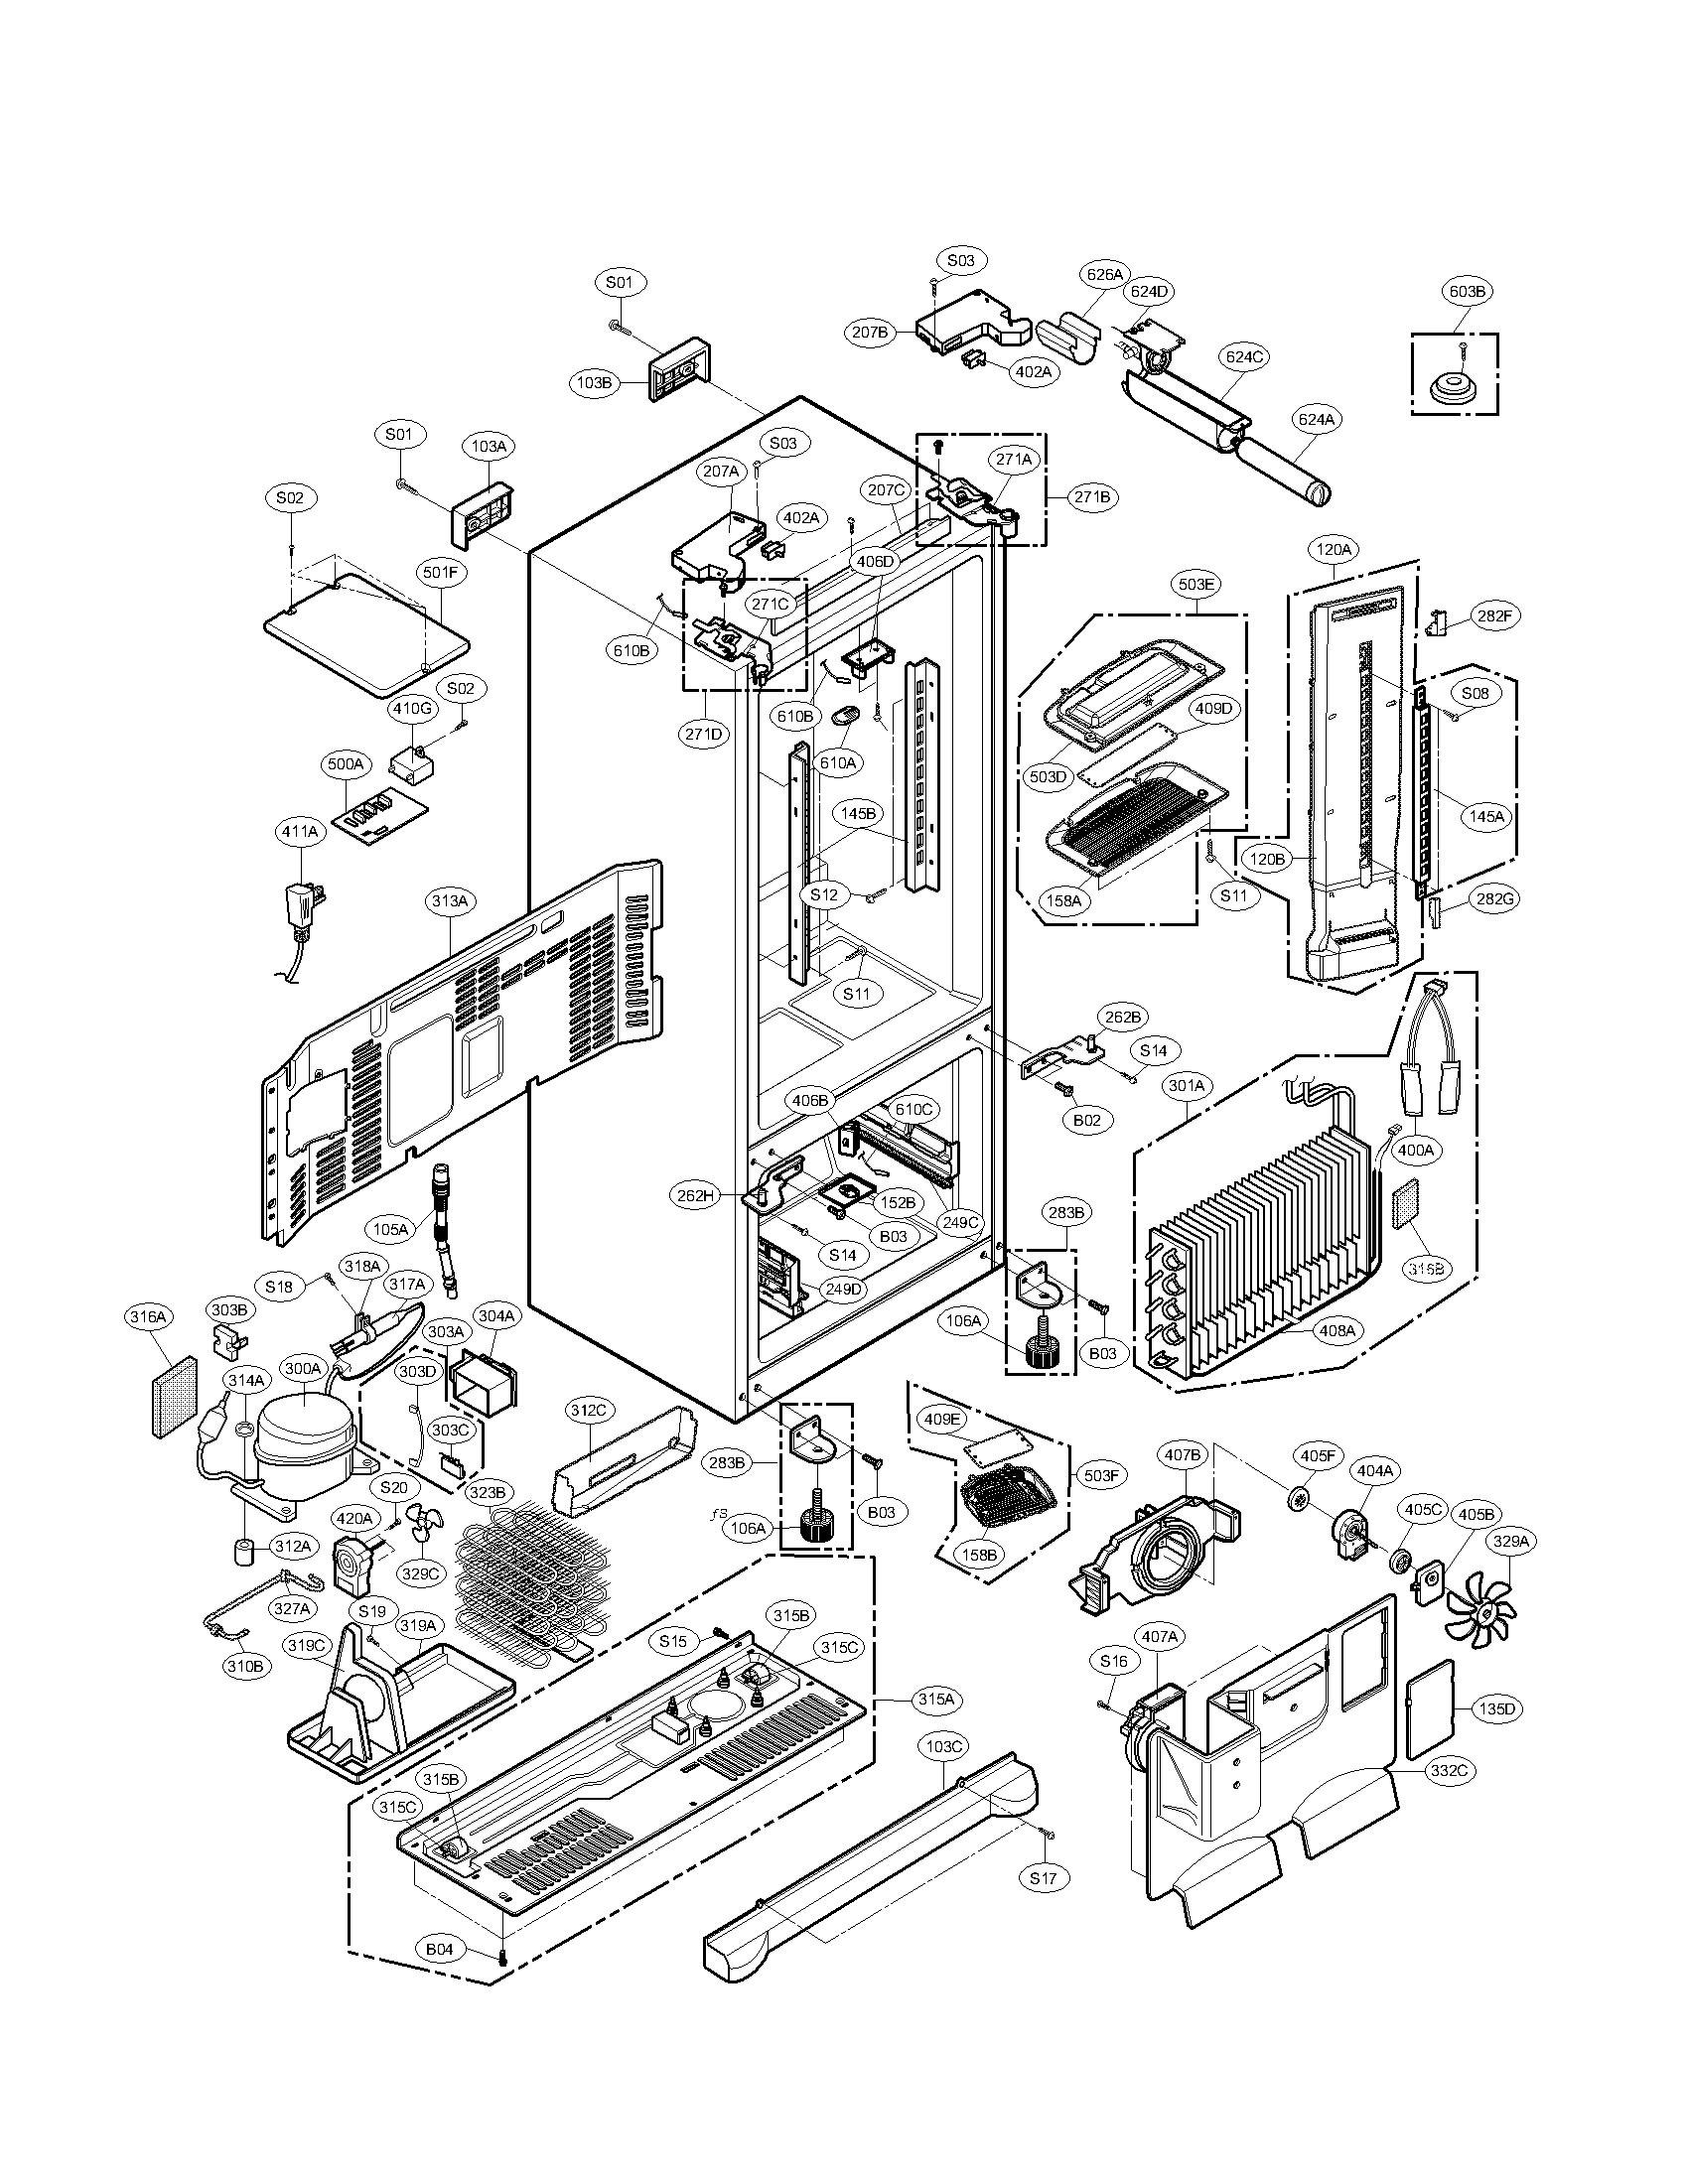 Kenmore Refrigerator Wiring Diagram : 35 Wiring Diagram